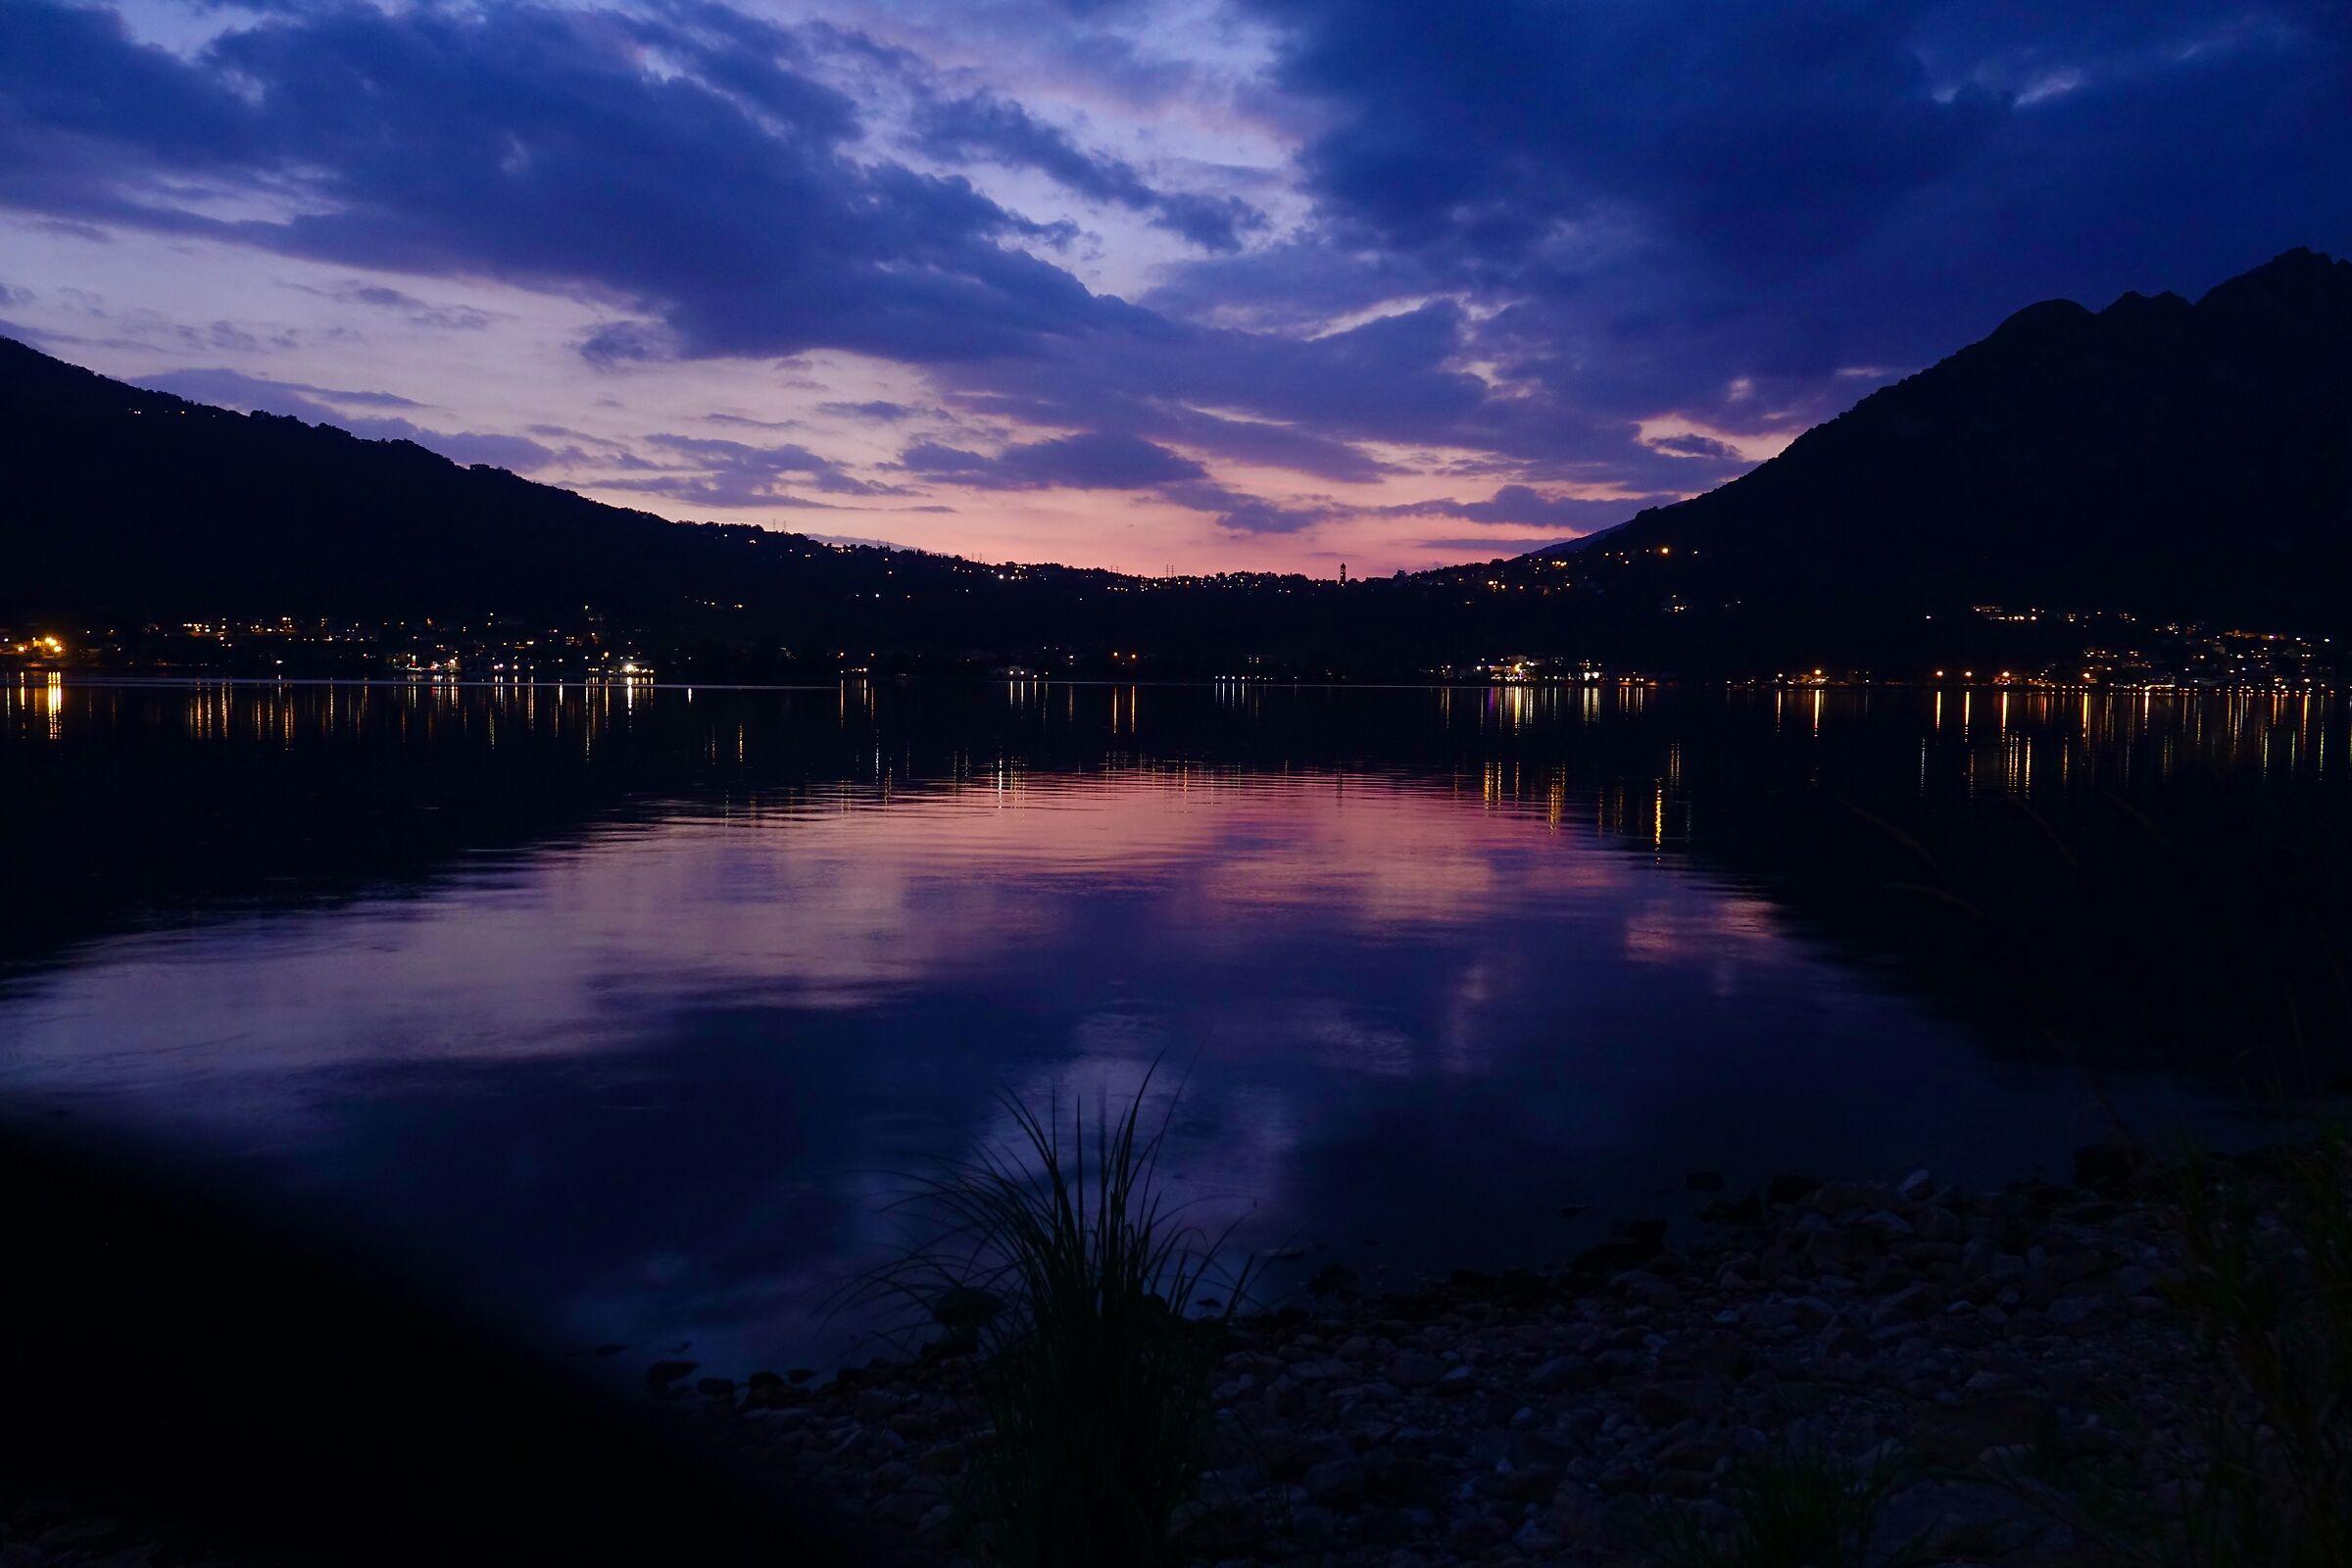 tramonto autunnale sul lago di Garlate 2...